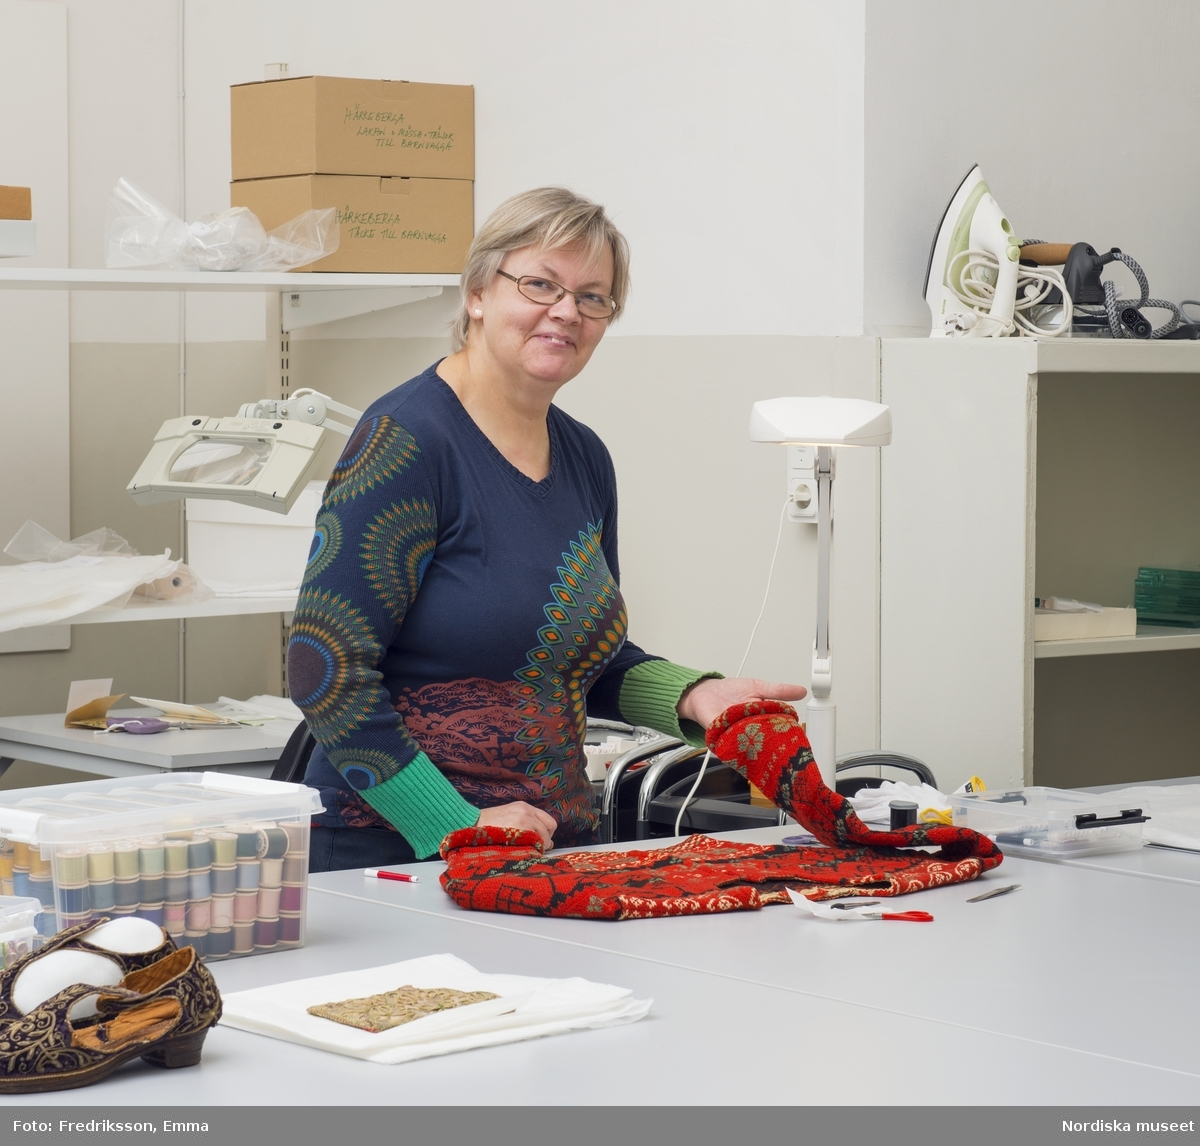 Stickcafé, Nordiska museet, konservatorn Catharina Sack och intendent Helena Lindroth förbereder inför Sickcaféet, tyg, material, hantverk, sticka, garn